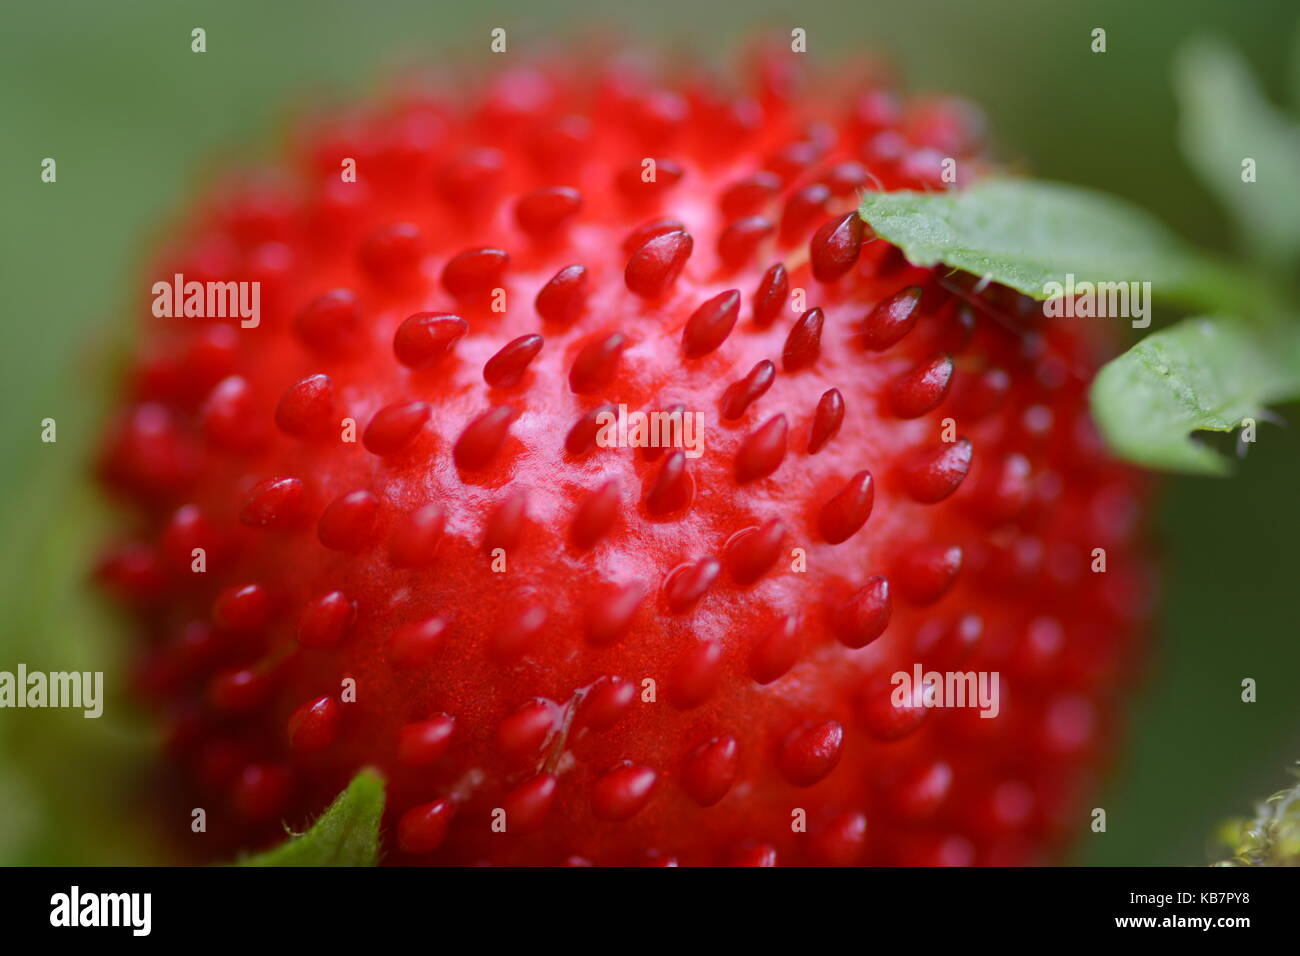 Makro Obst Stockbild